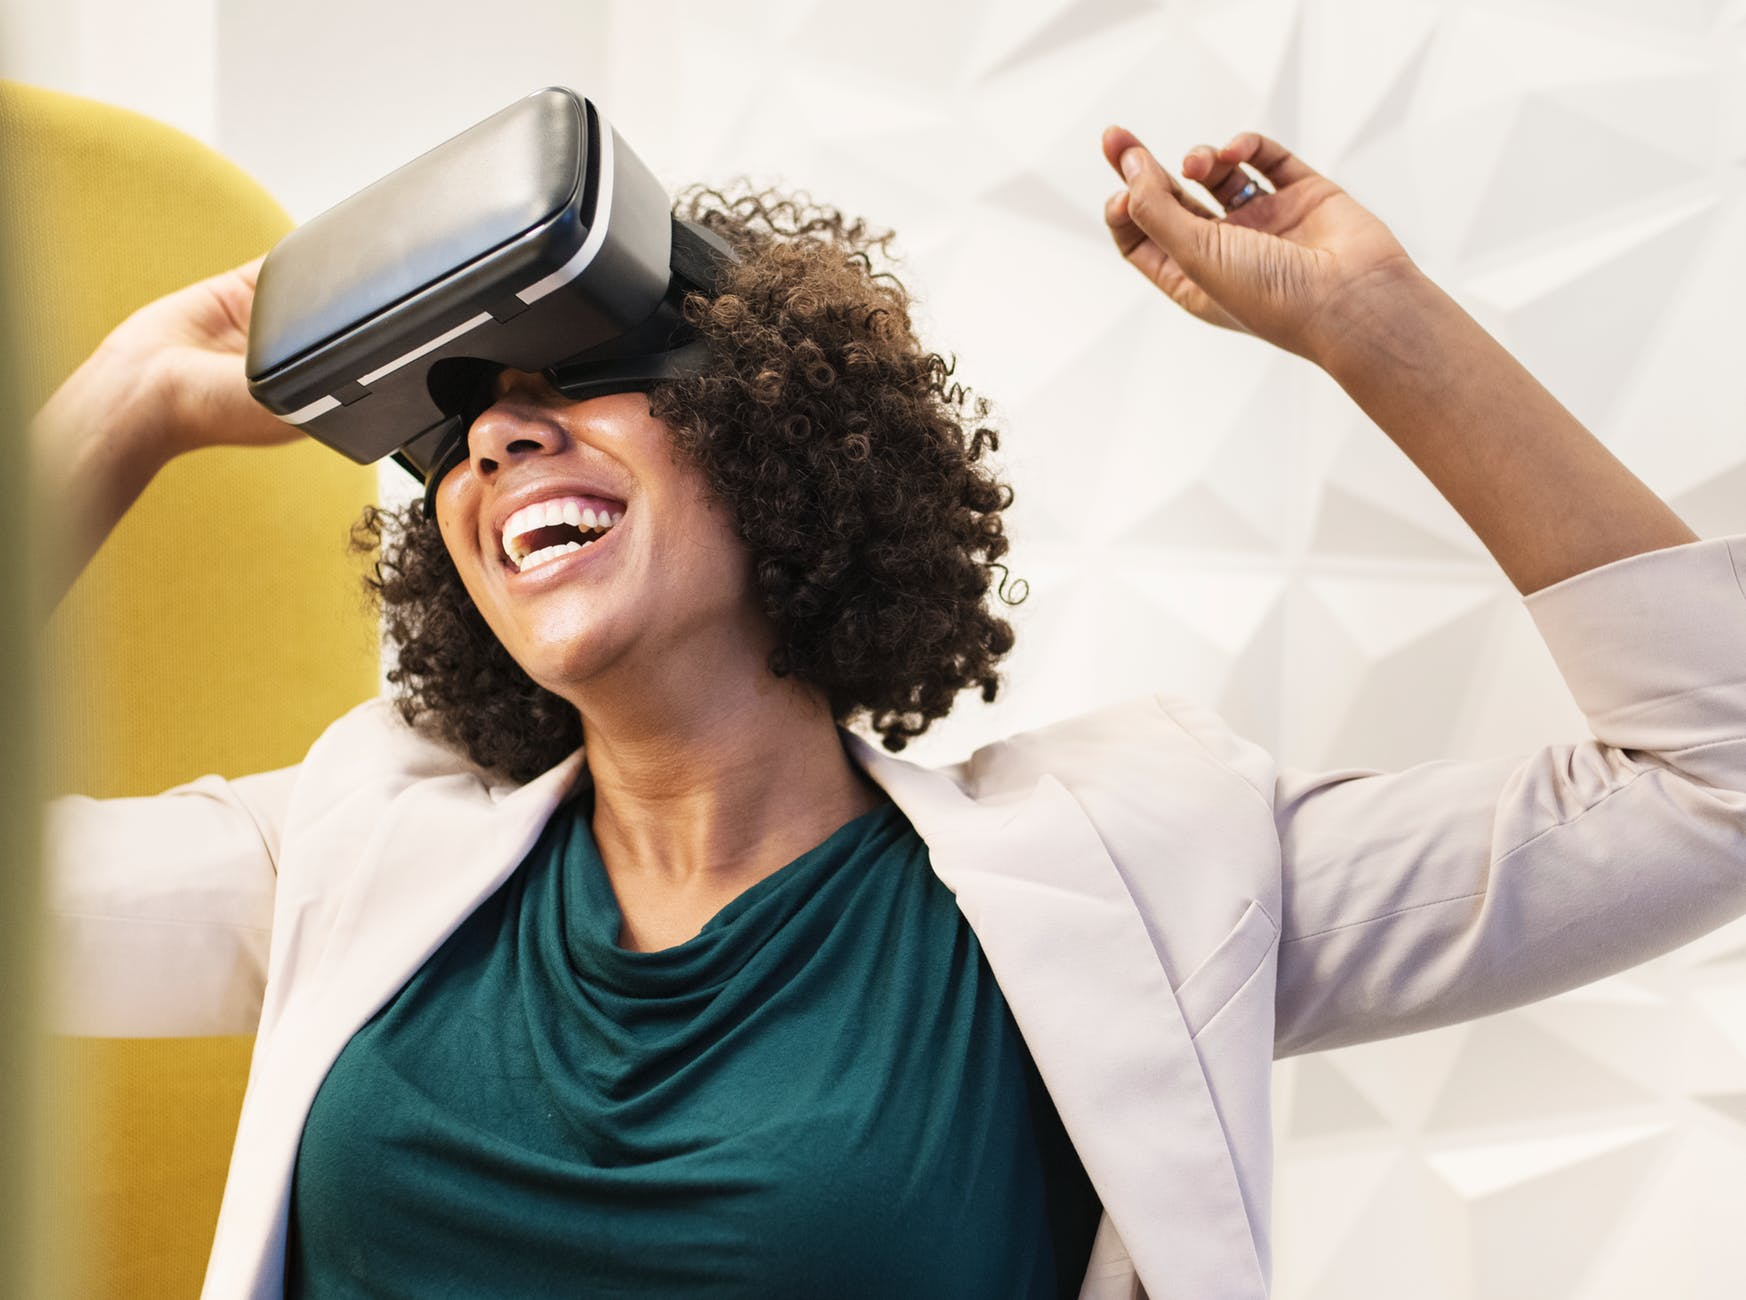 Jeux vidéo : les femmes aussi sont fans de gaming sur PC